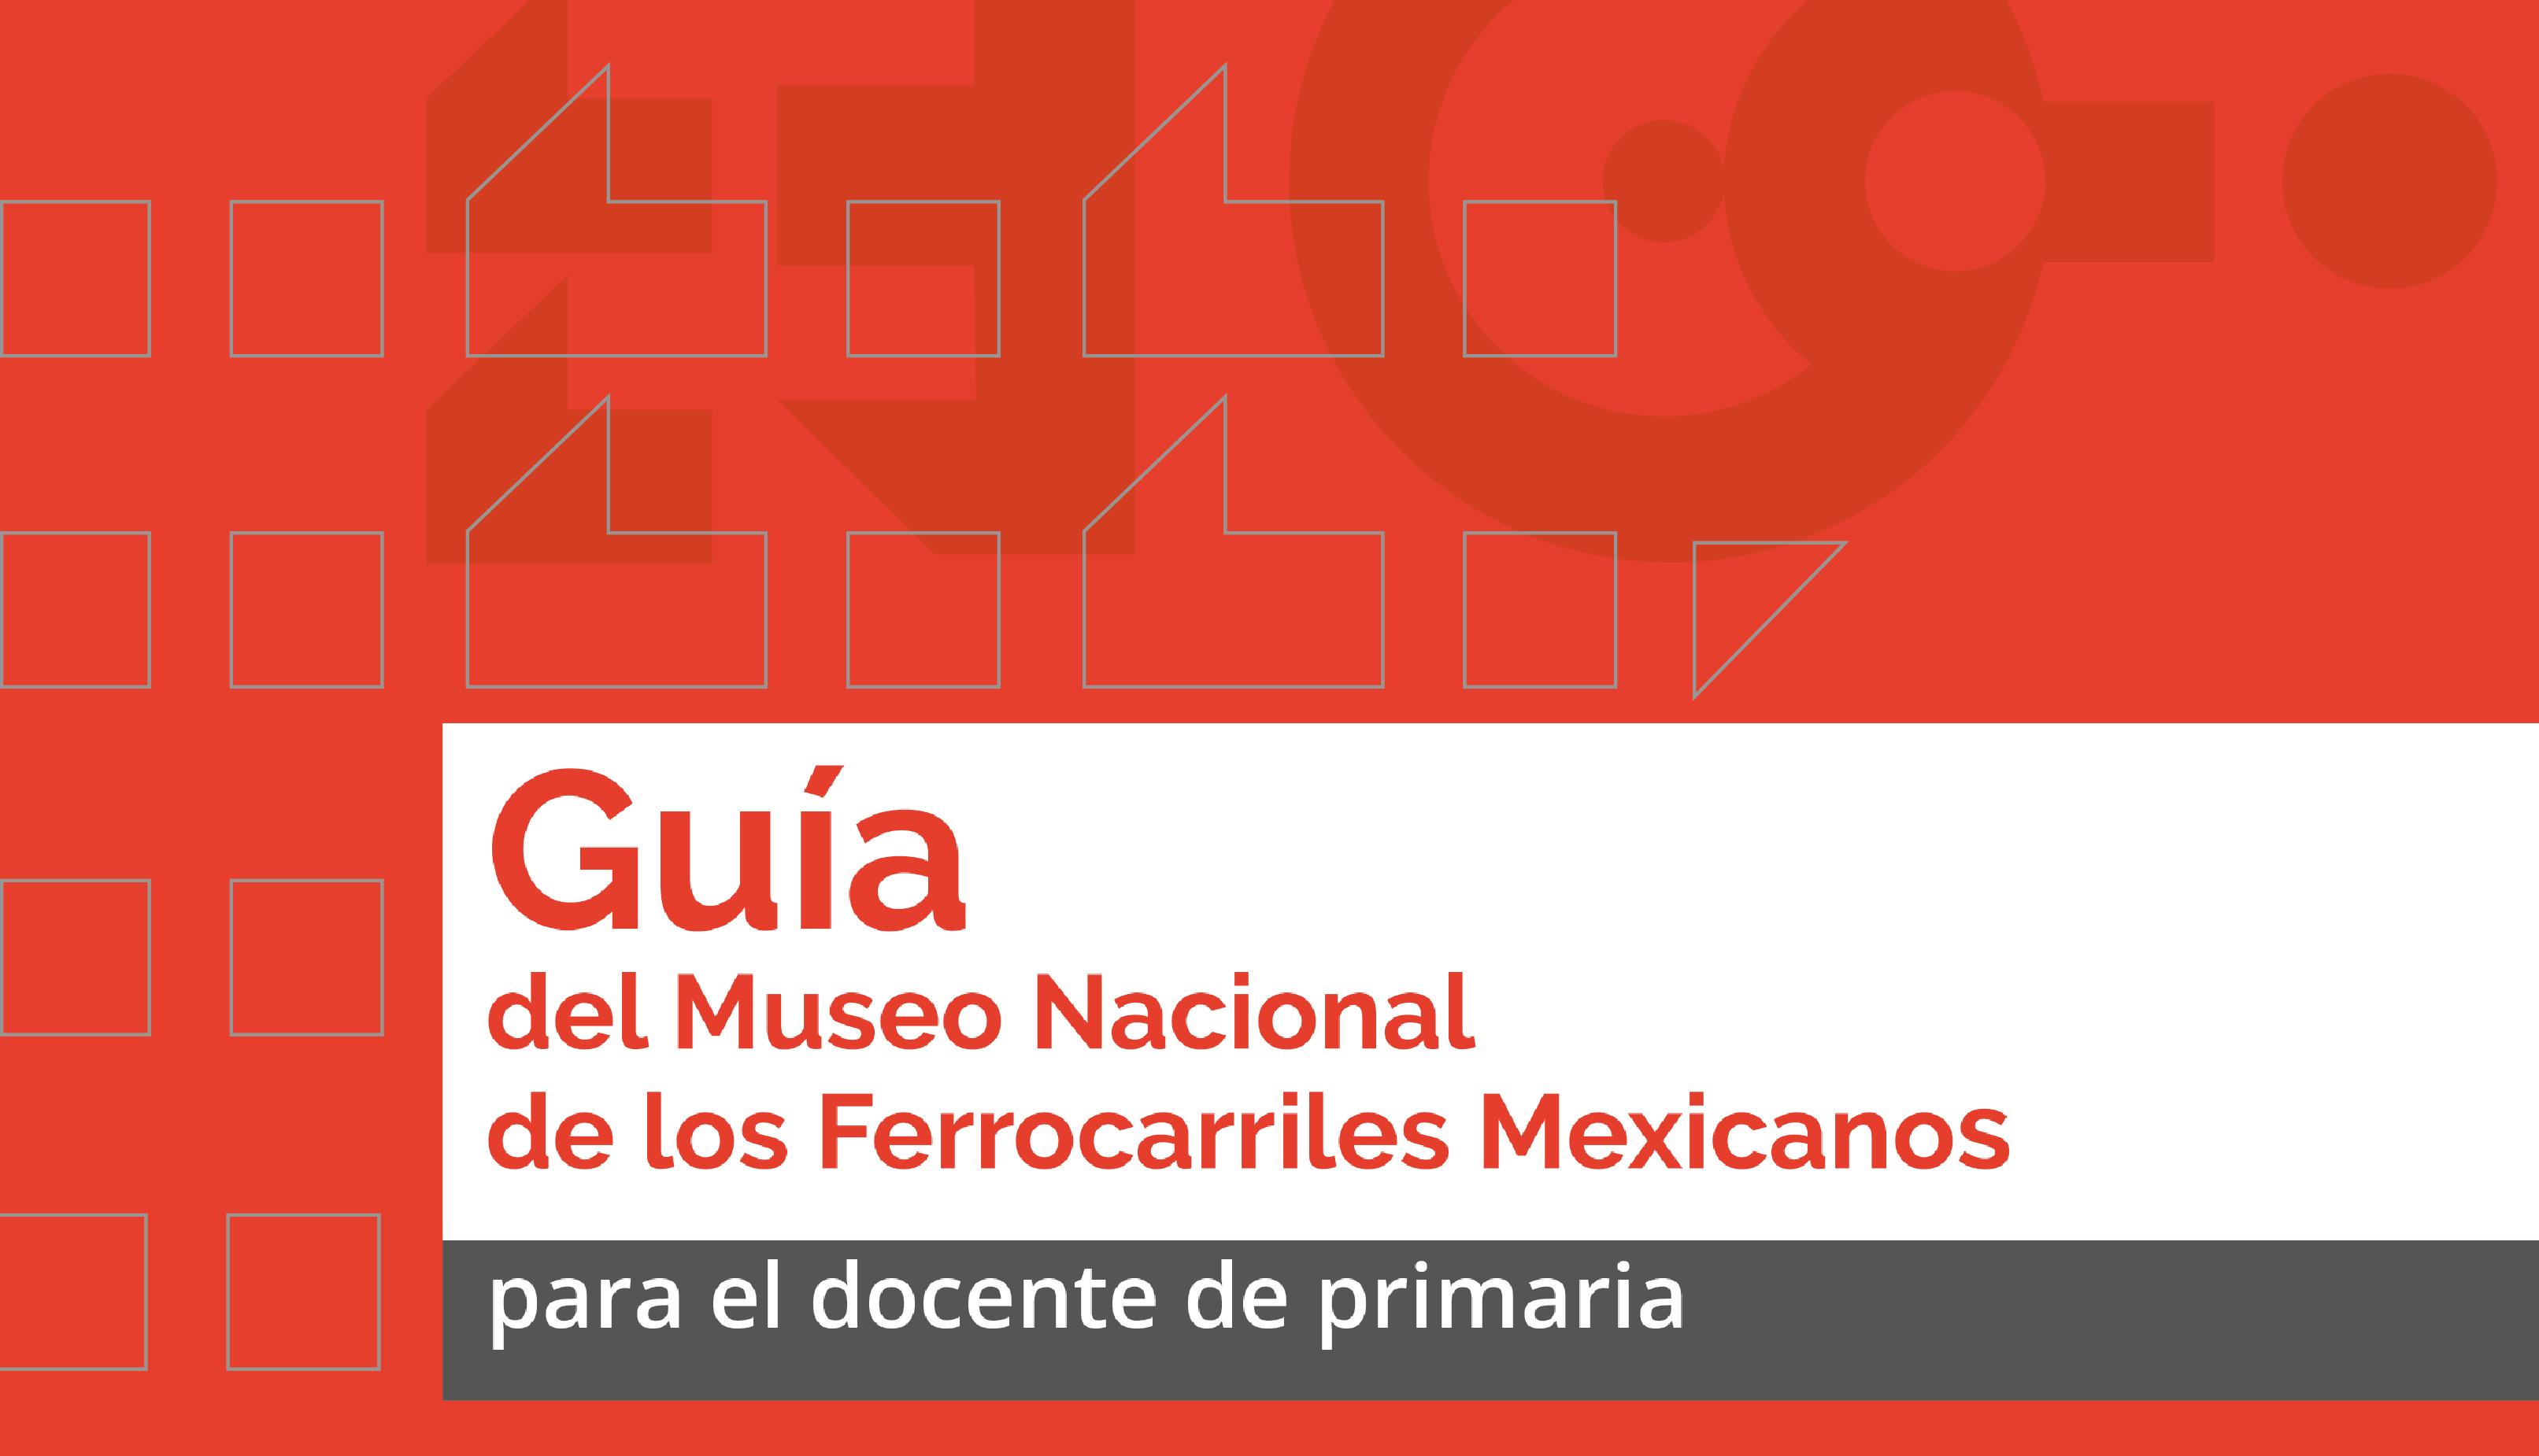 Portada de la Guía del Museo Nacional de los Ferrocarriles Mexicanos, para el docente de primaria